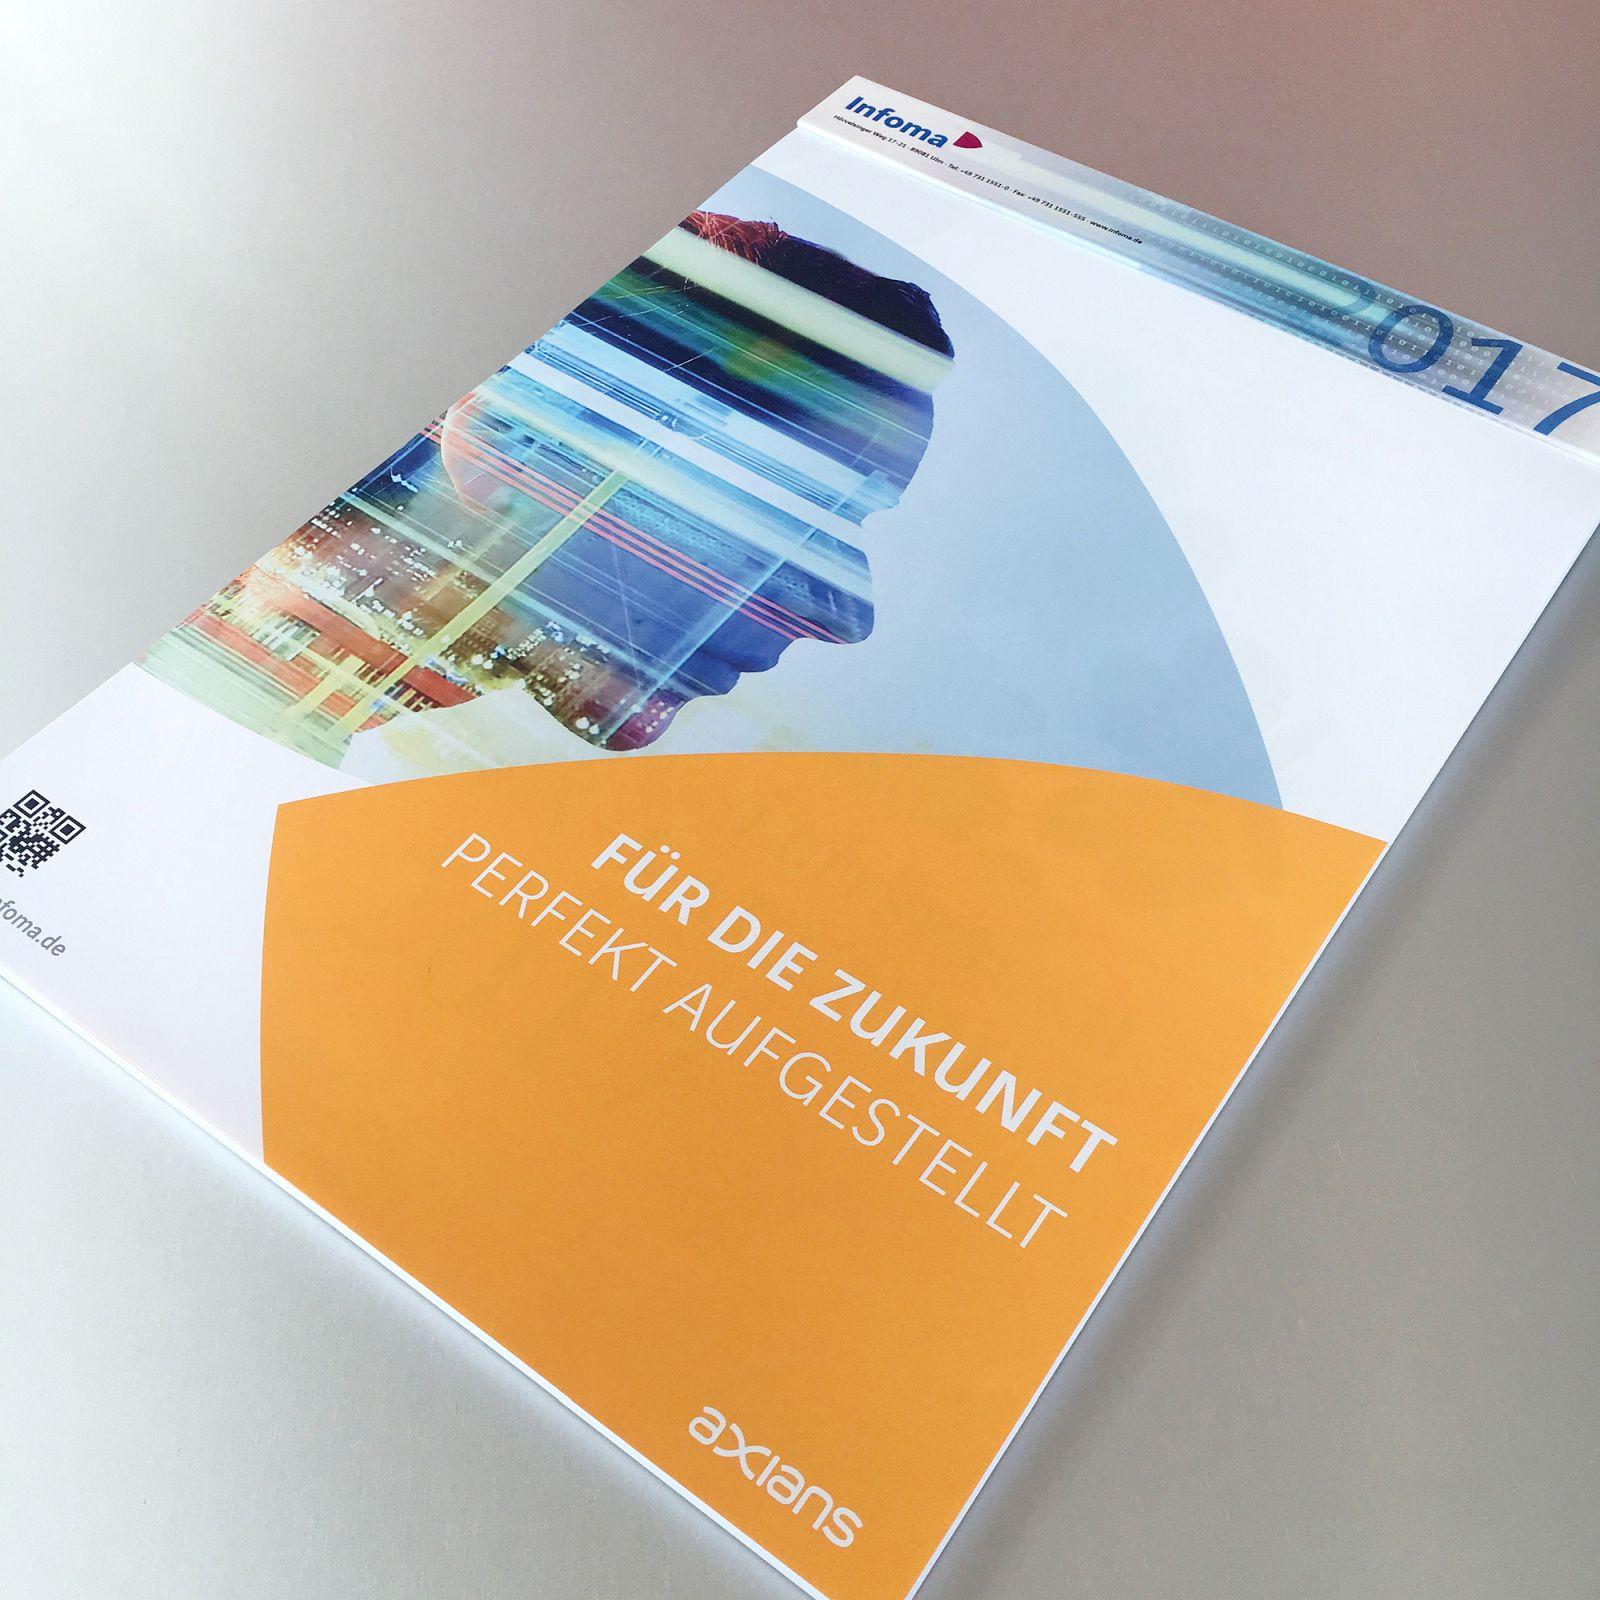 Software-Unternehmen in neuem Gewand - Aus INFOMA wird Axians Infoma GMBH Beispielbild 55_1